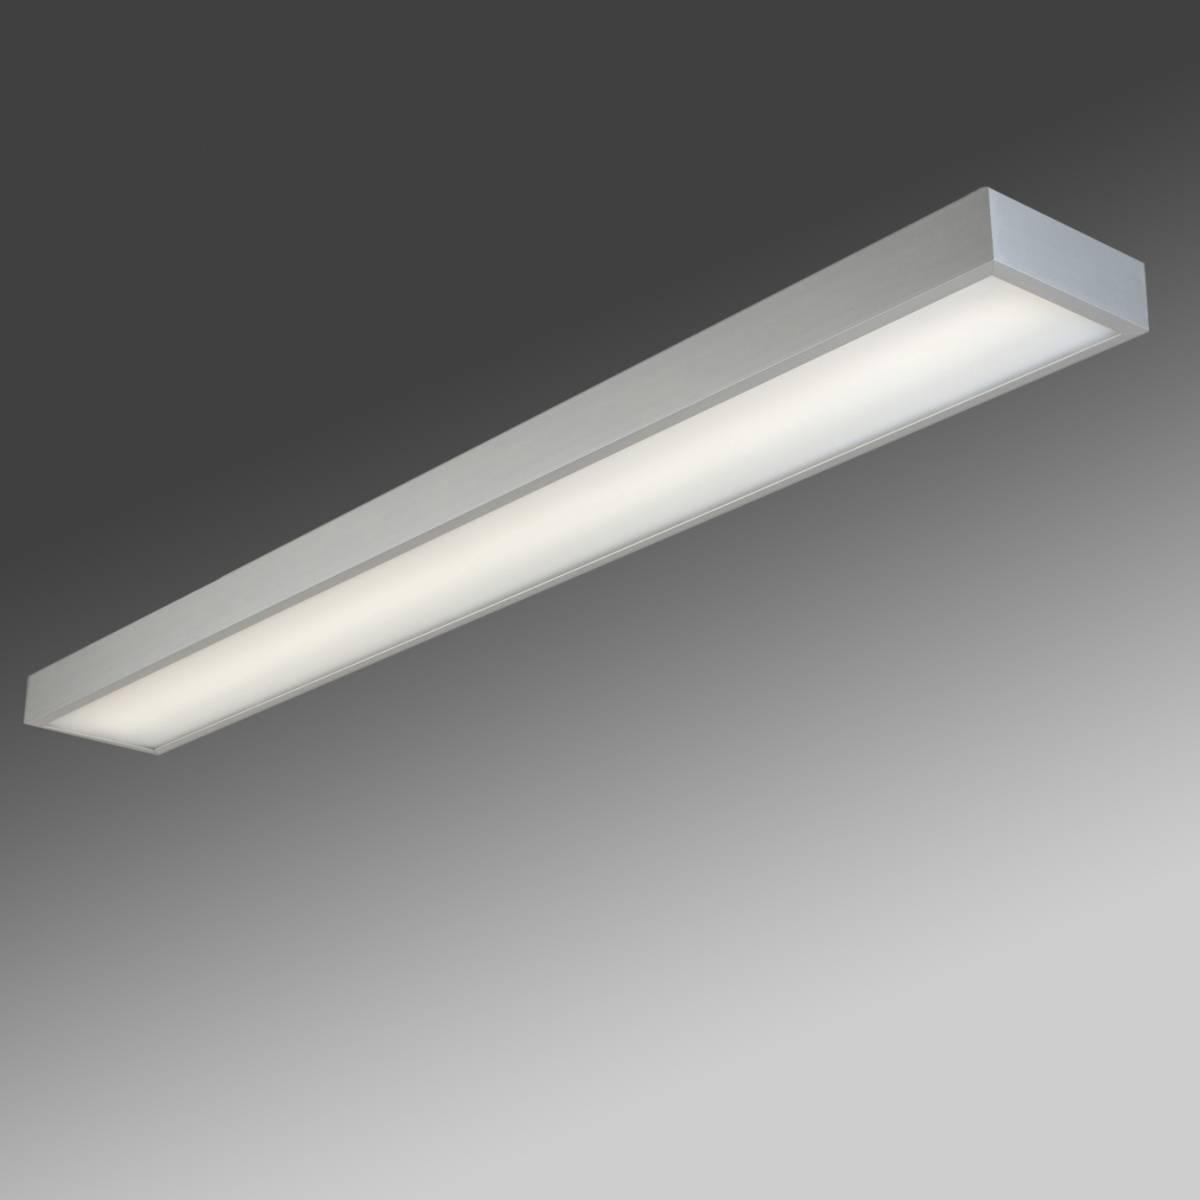 Office LED D/I  86W, 4000K, 9735lm, DALI, anodized, L-1,5m